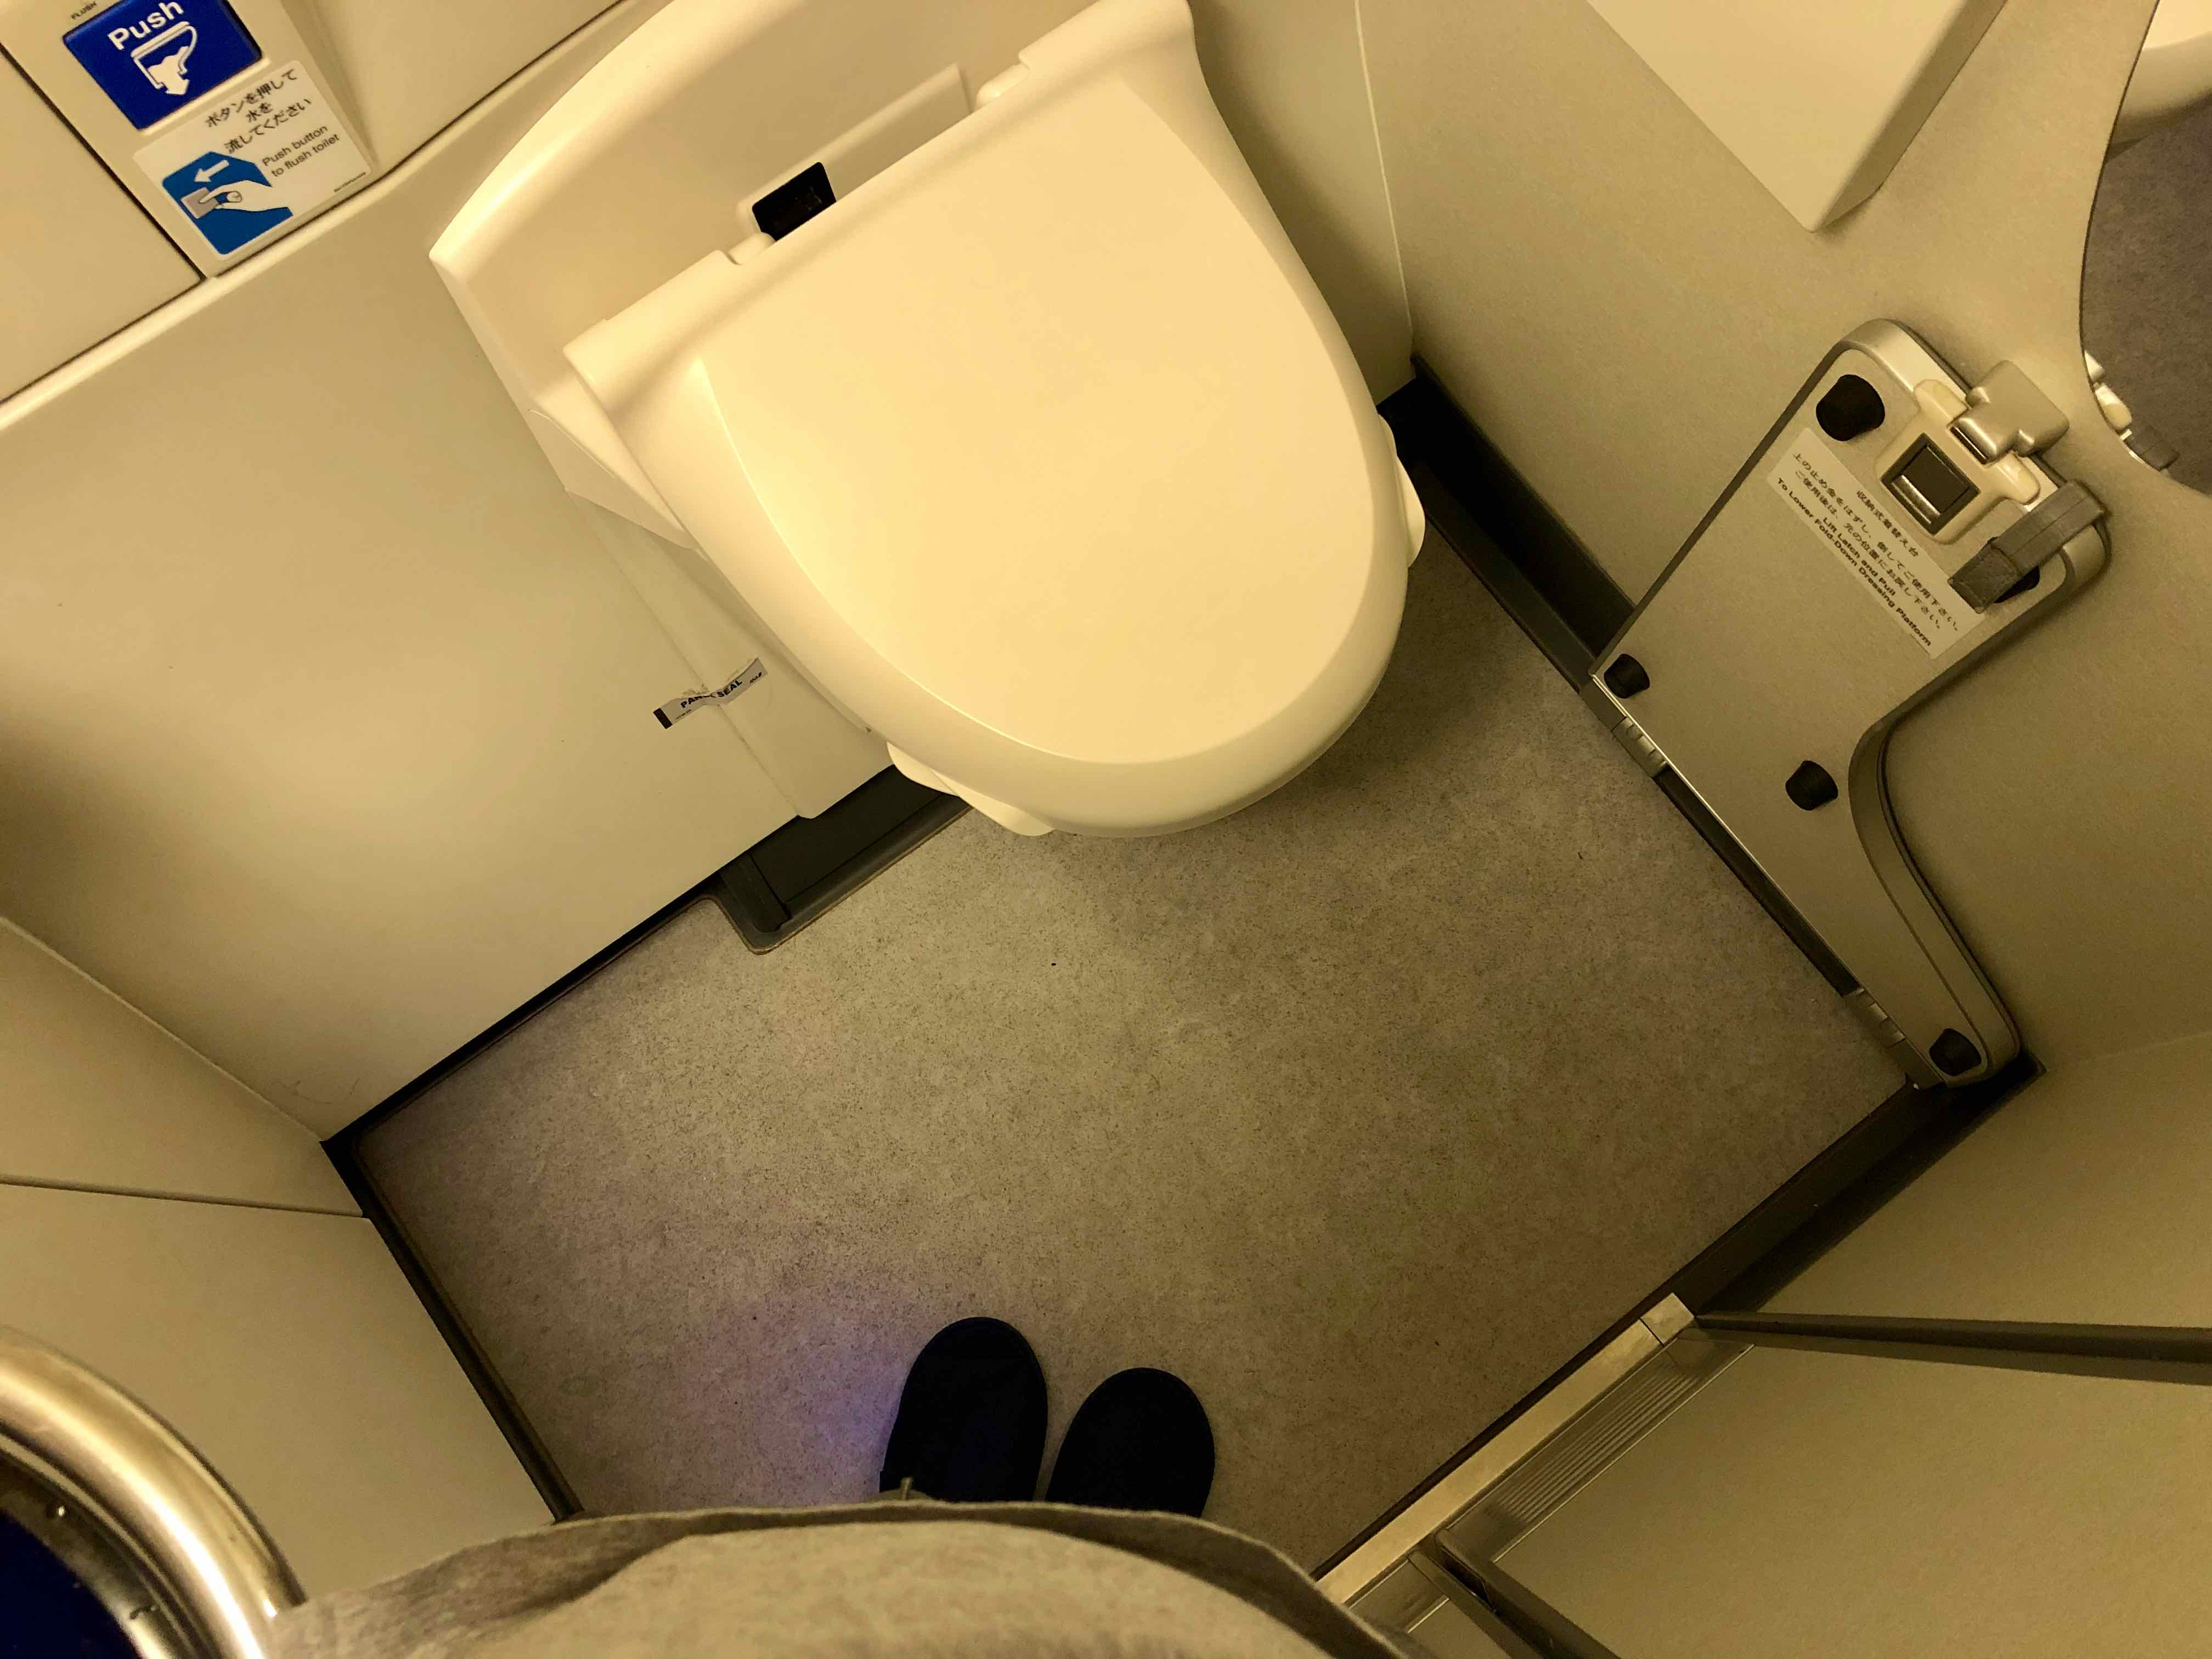 ANA 777 First Class lavatory